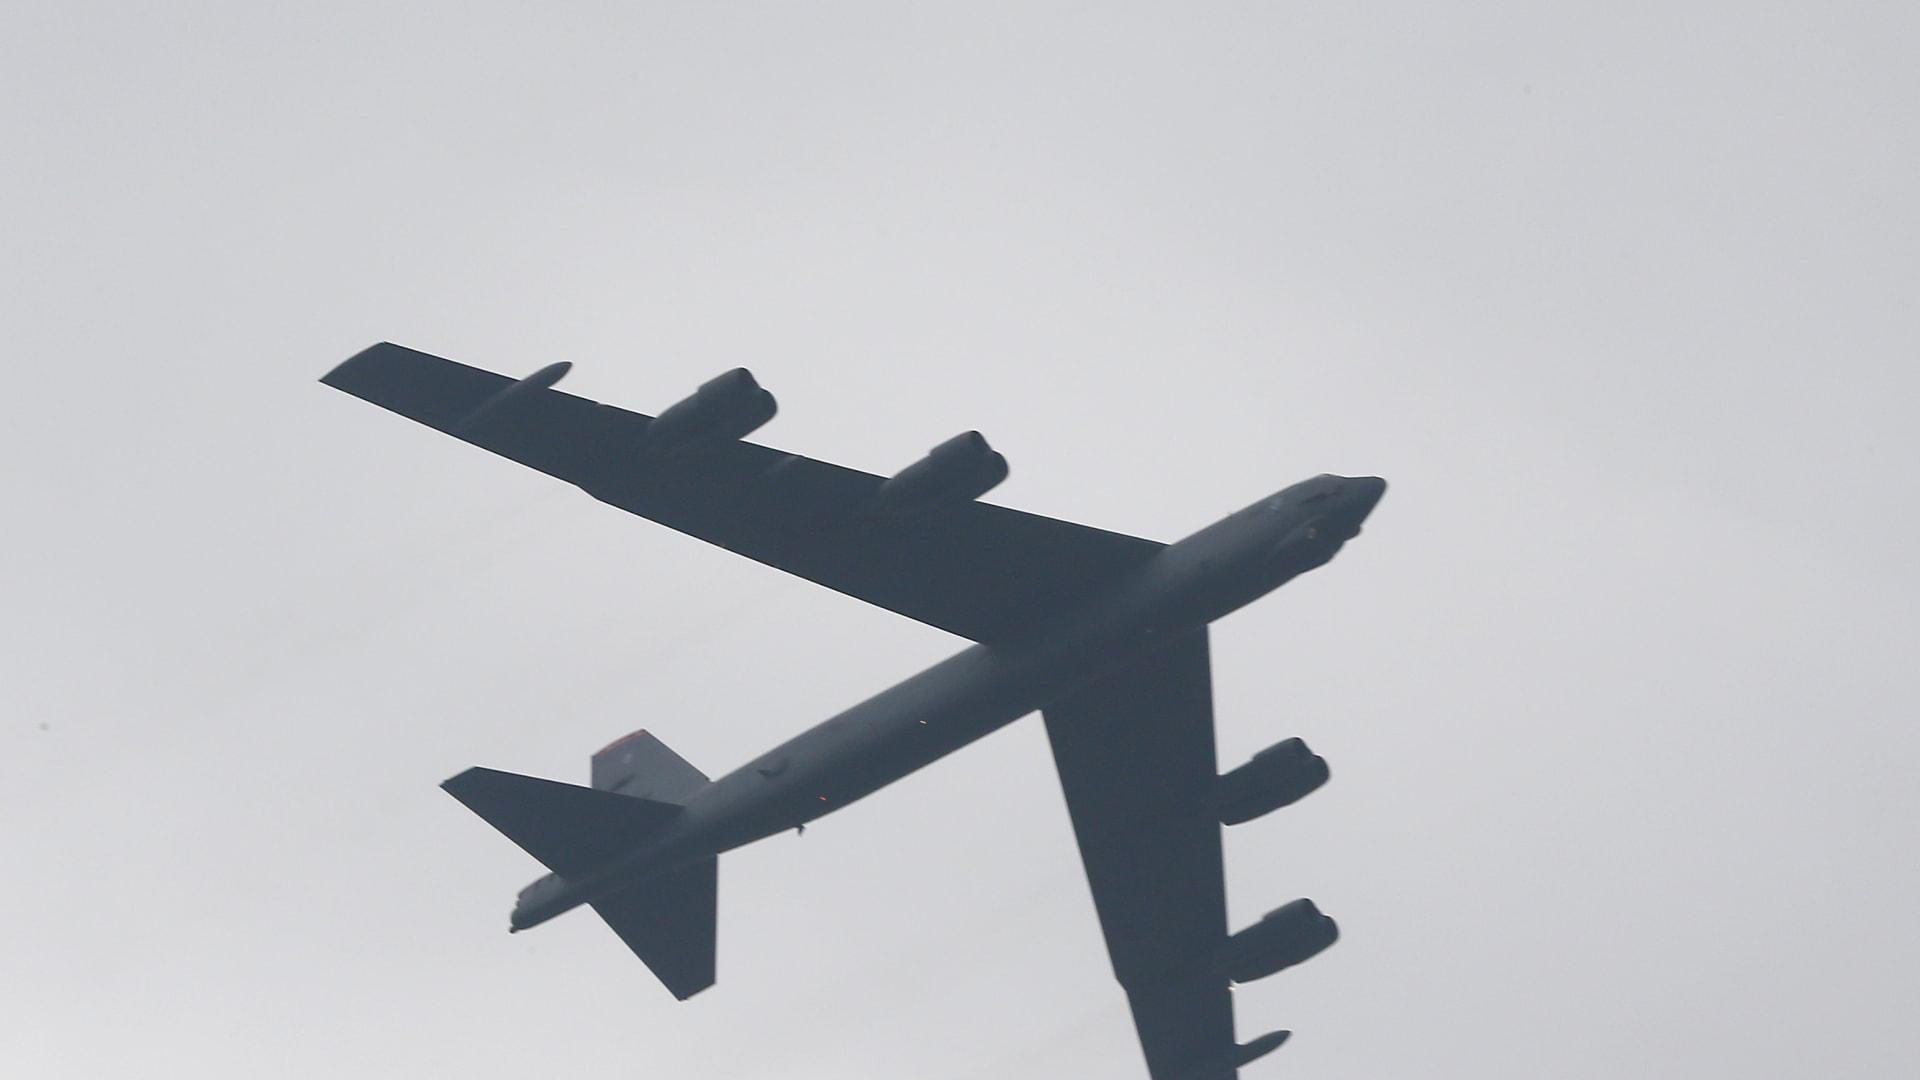 أمريكا ترسل قاذفتي B-52 إلى الشرق الأوسط لتوجيه رسالة جديدة إلى إيران